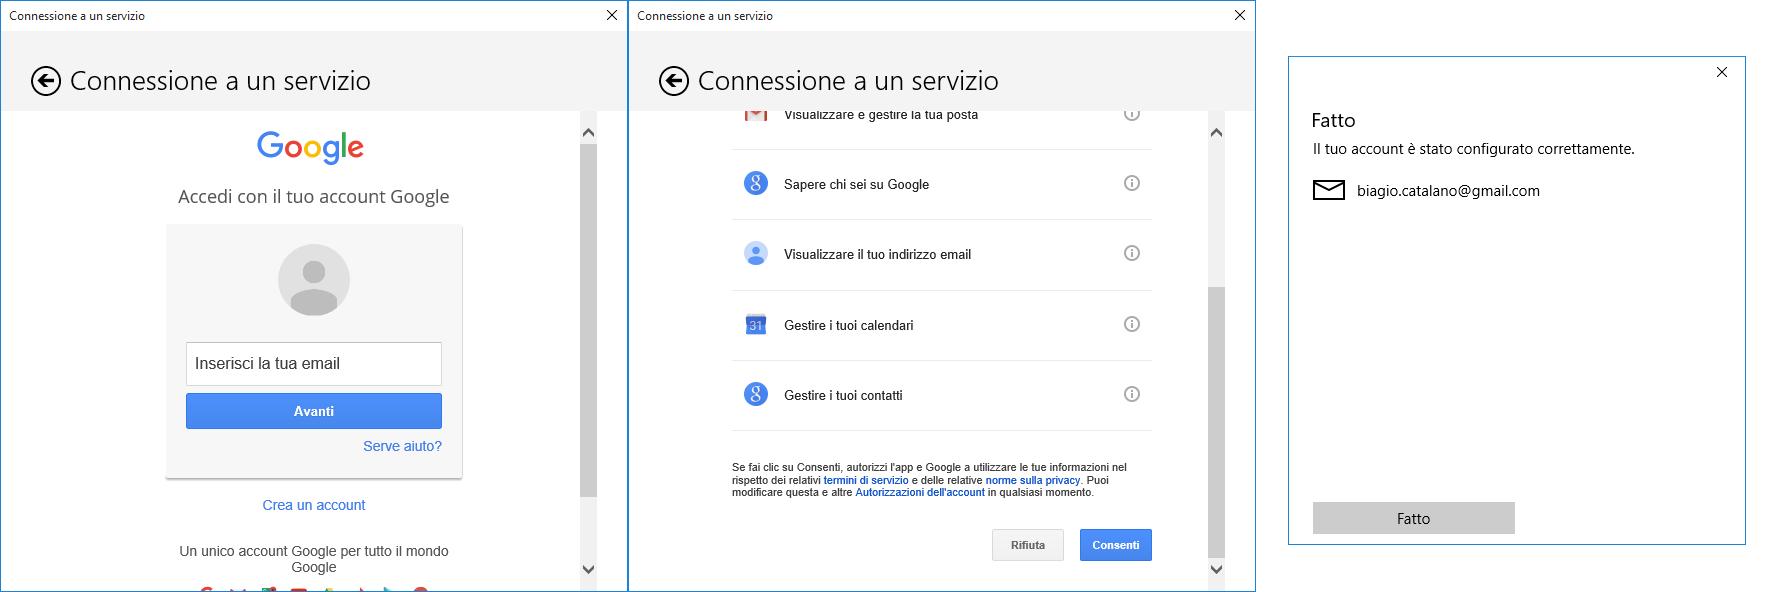 Importare i contatti nell'app Contatti di Windows 10 - 4